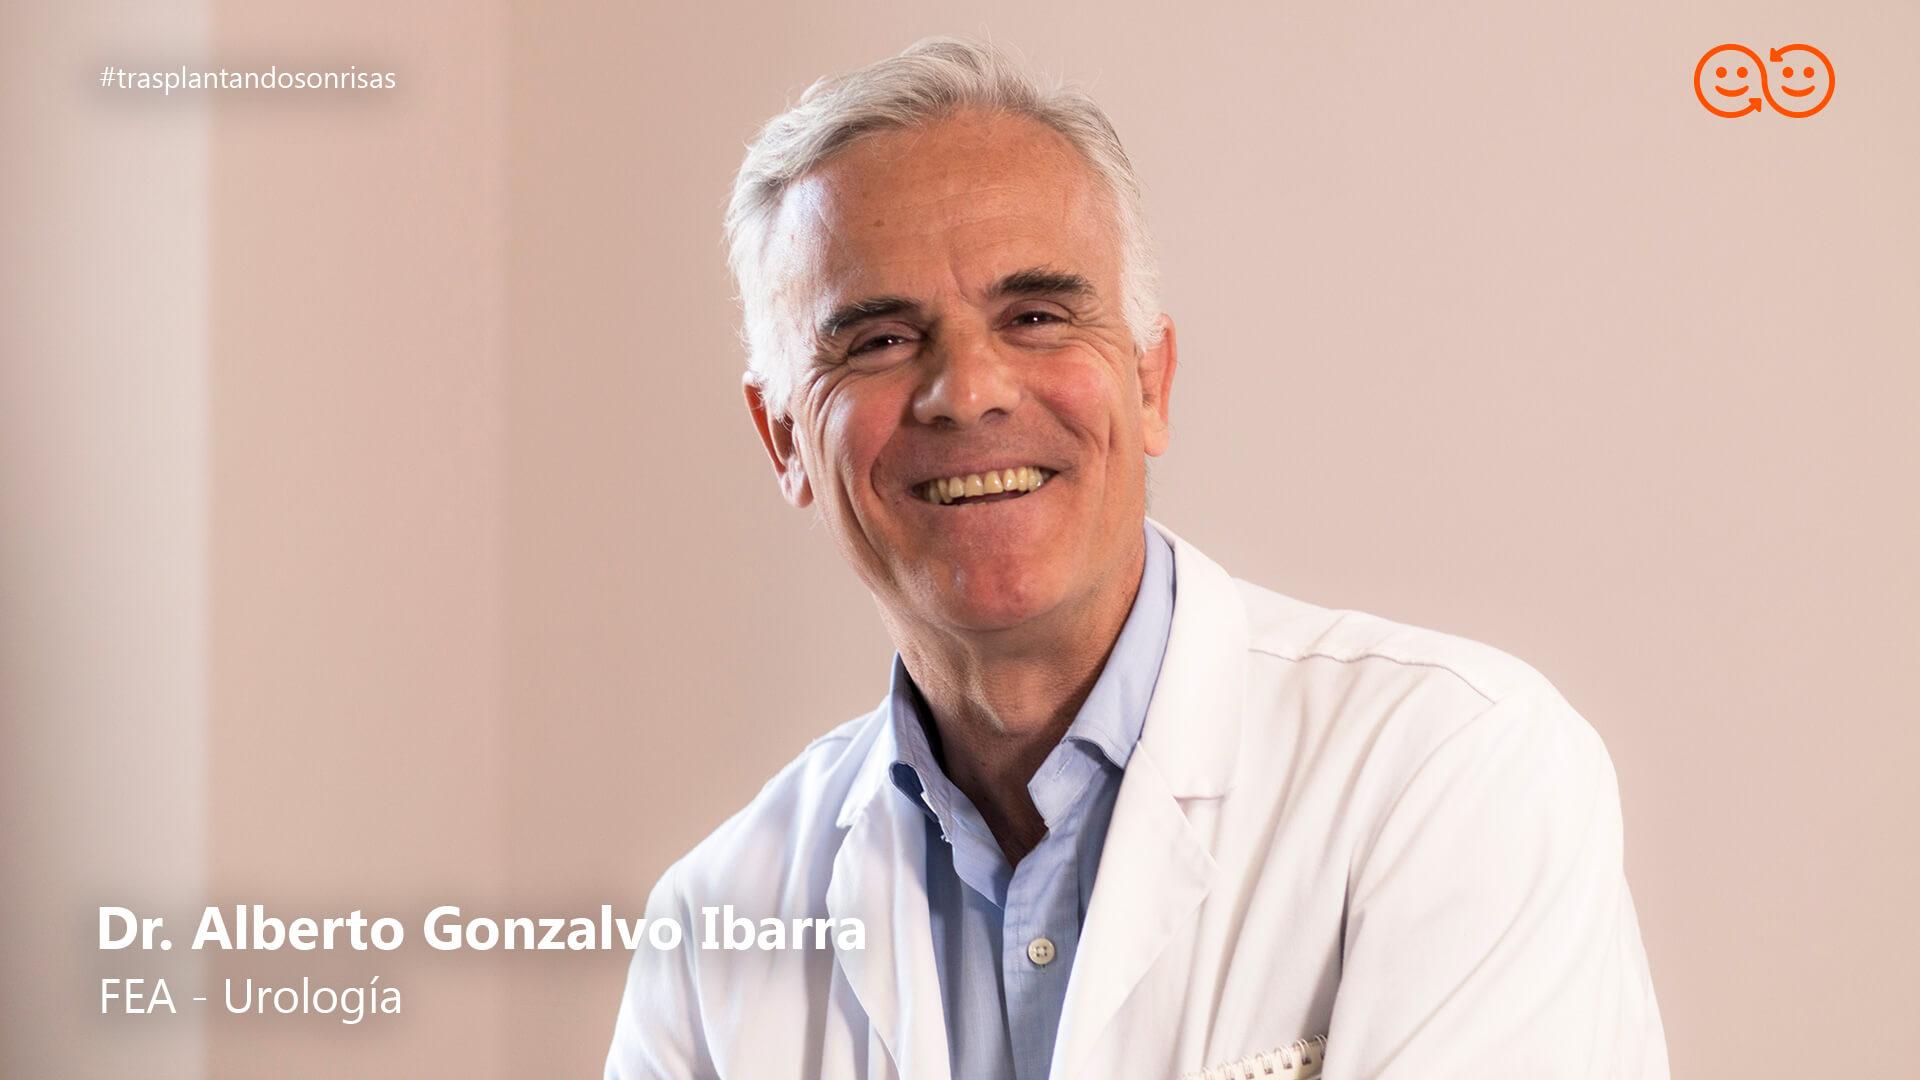 Dr. Alberto Gonzalvo Ibarra